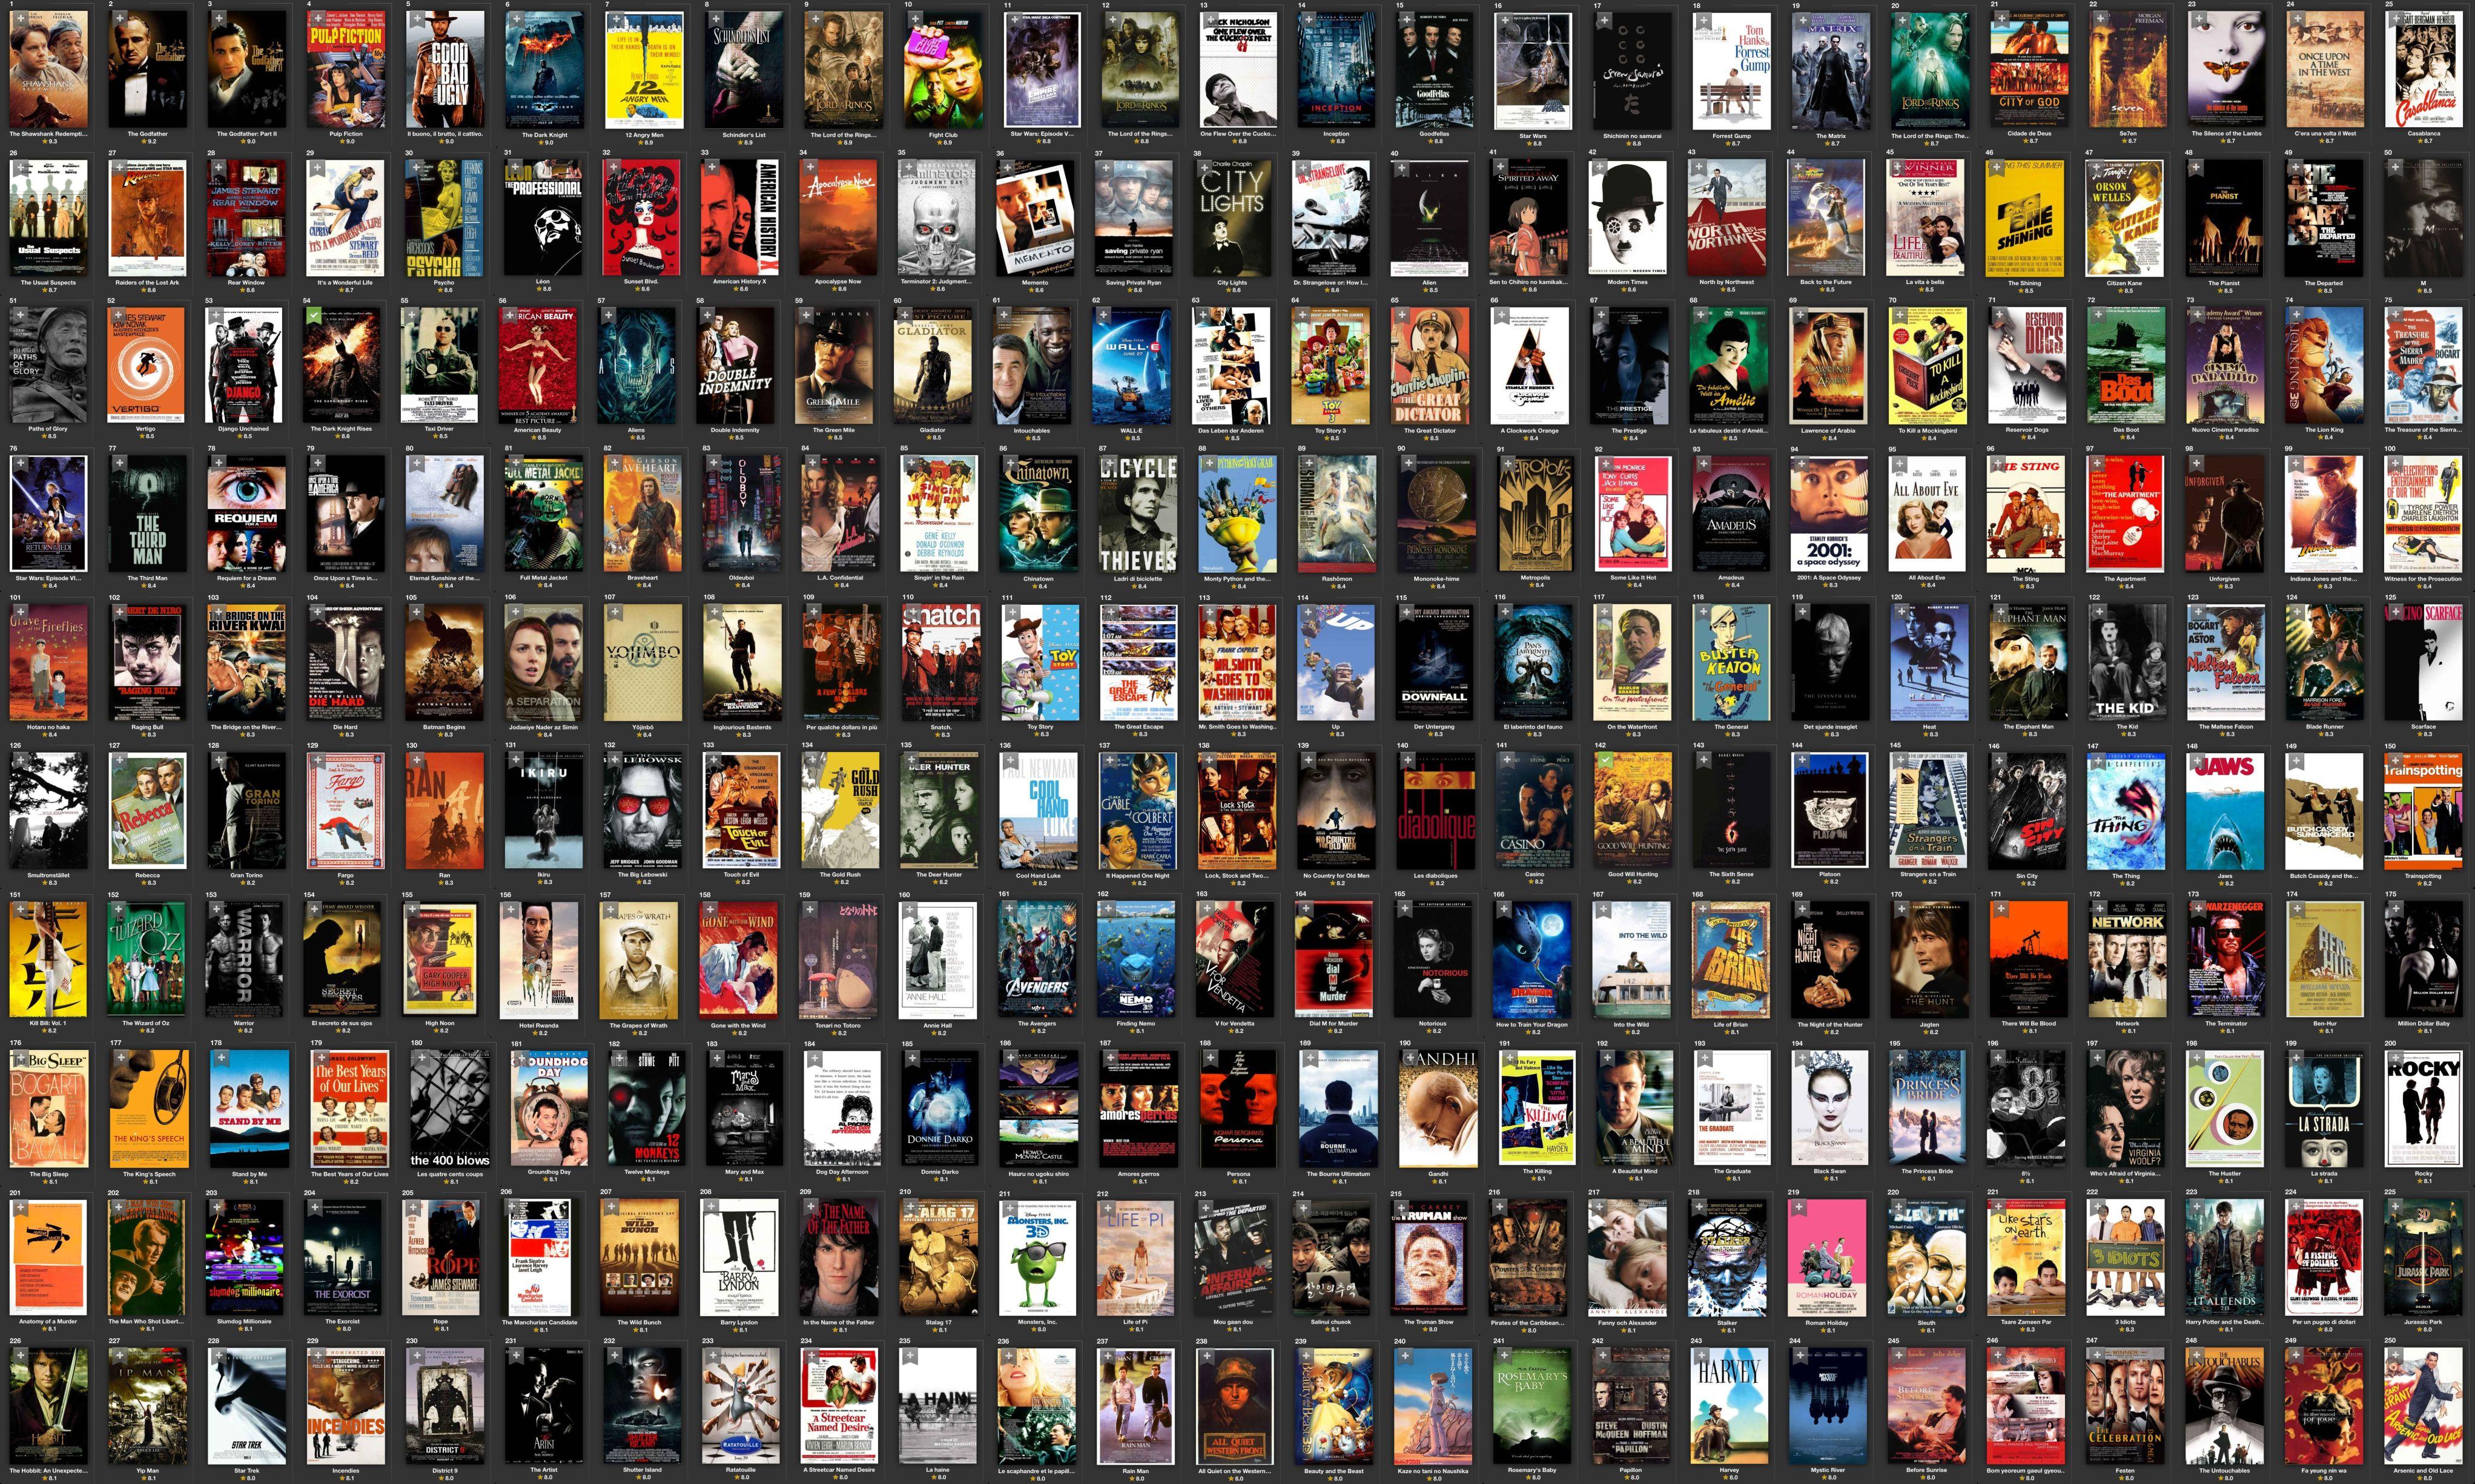 Imdb En Iyi 250 Film